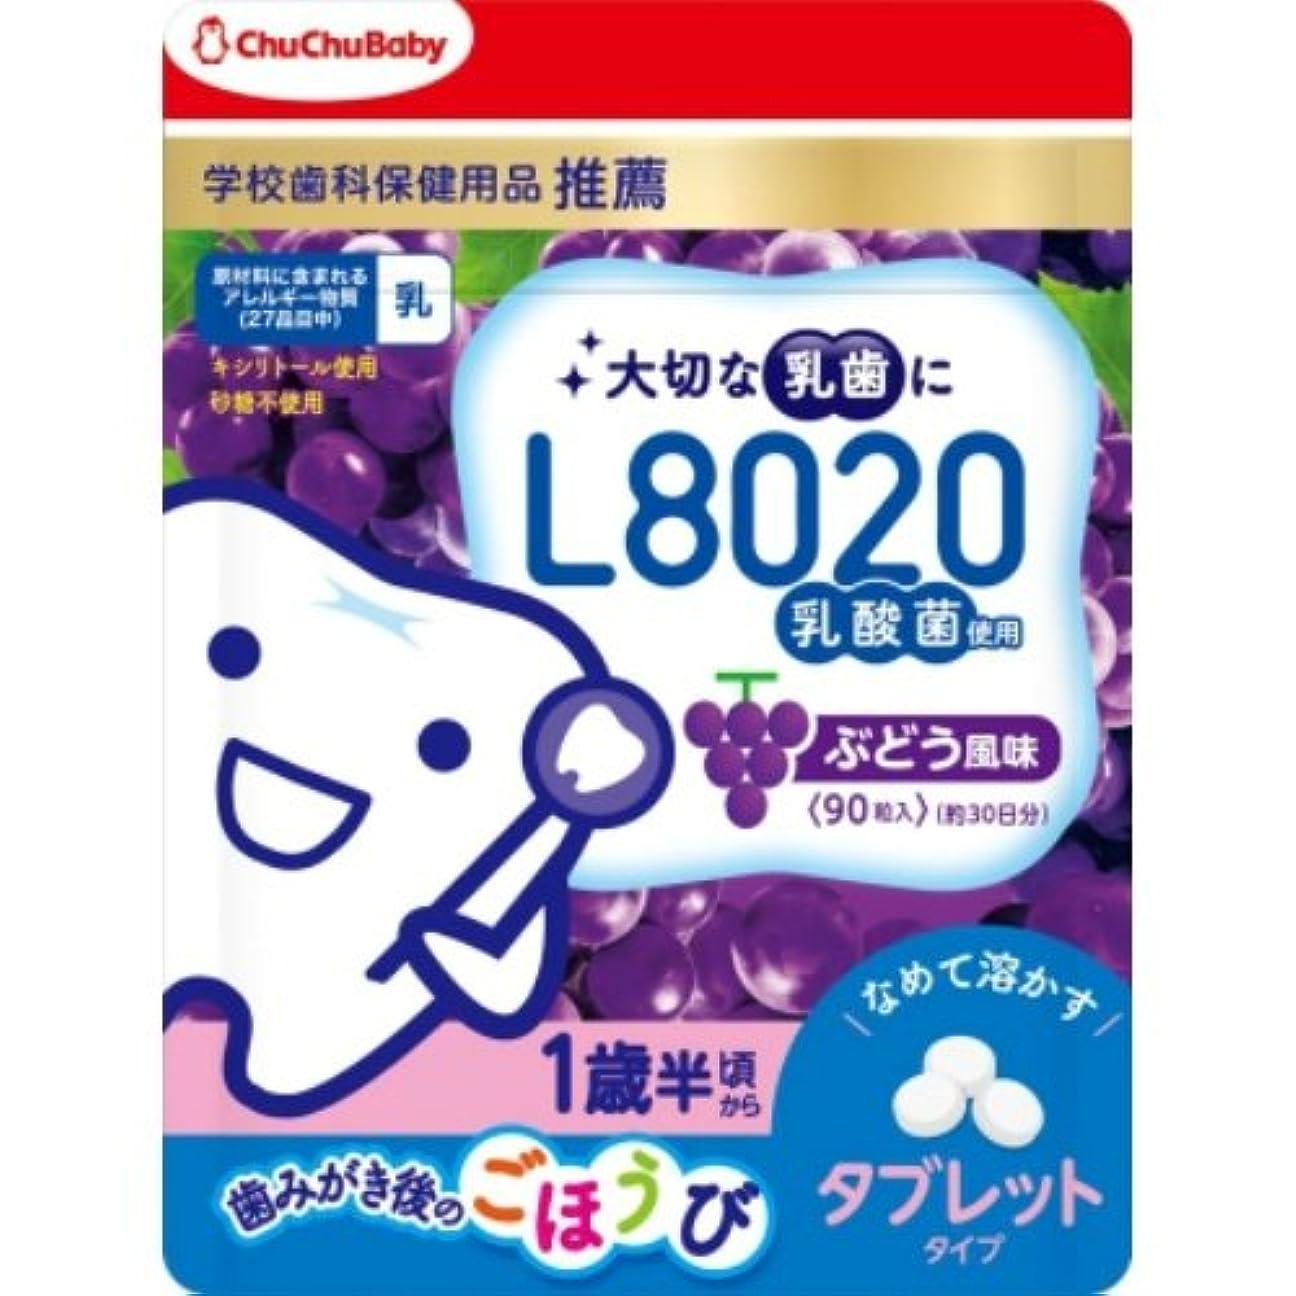 韓国社会主義八チュチュベビー L8020乳酸菌入タブレット ぶどう風味 × 6個